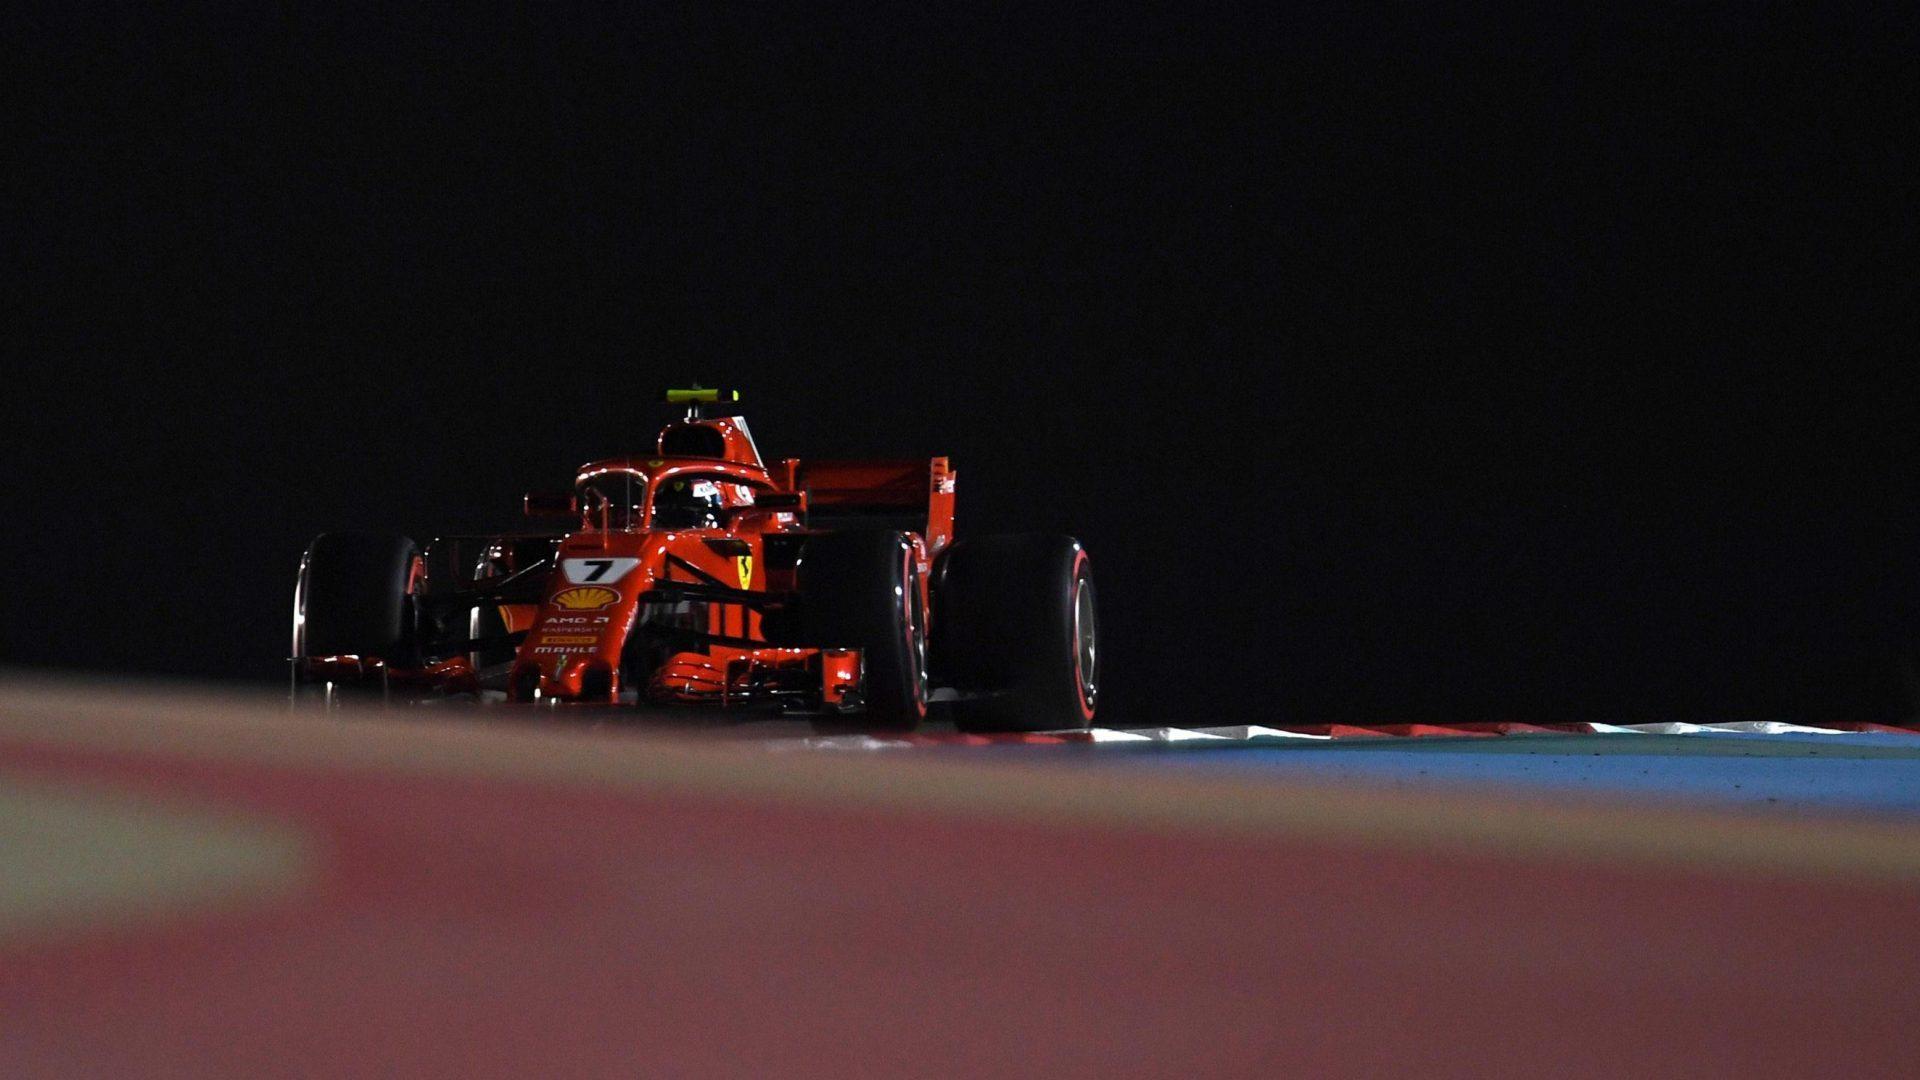 GP de Bahreïn - Raïkkönen emmène les Top Teams